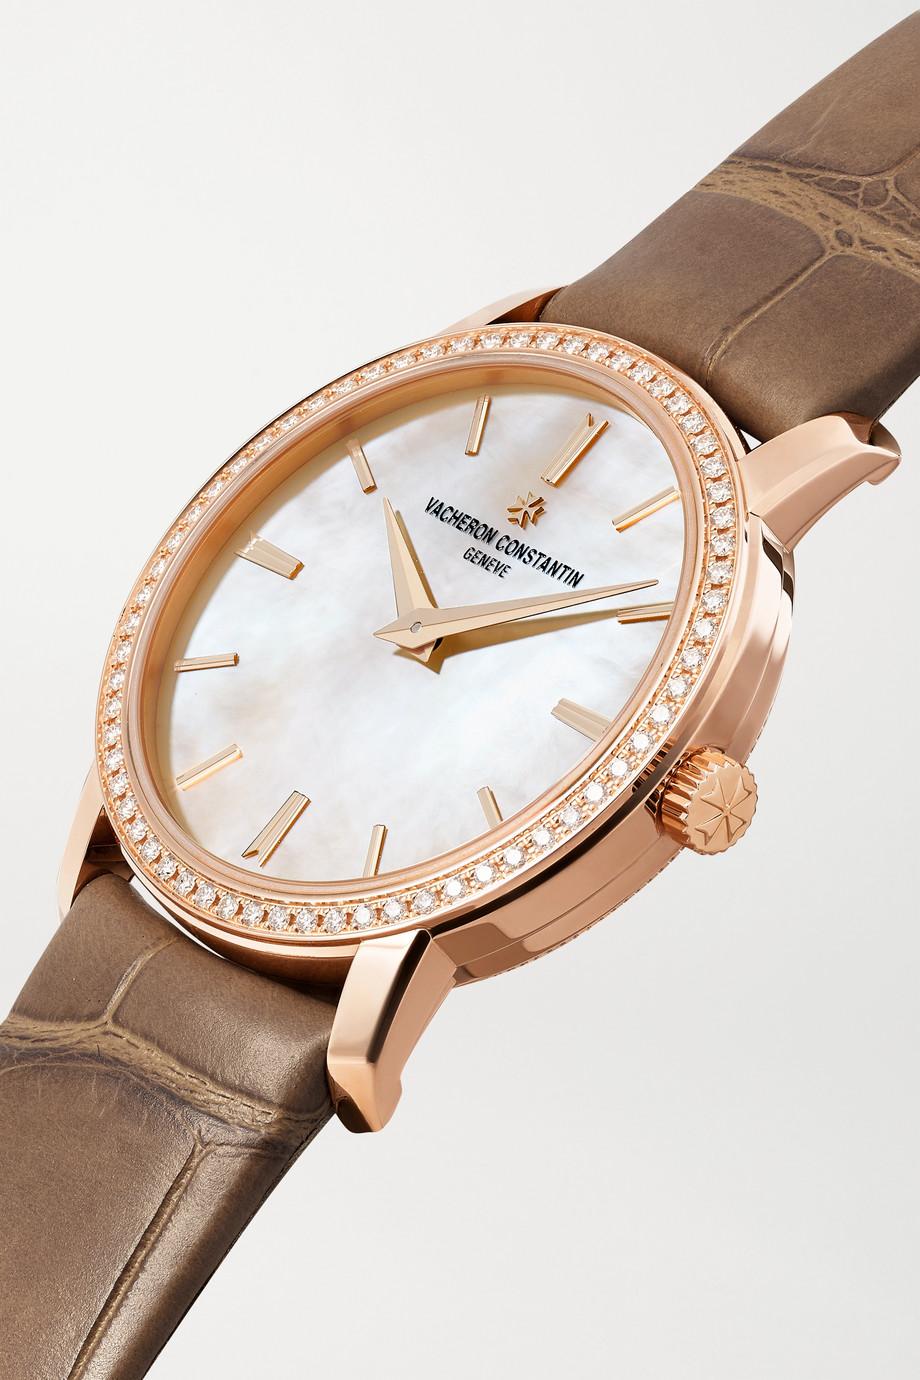 Vacheron Constantin Traditionnelle 30 mm Uhr aus 18 Karat Roségold mit Perlmutt, Diamanten und Alligatorlederarmband